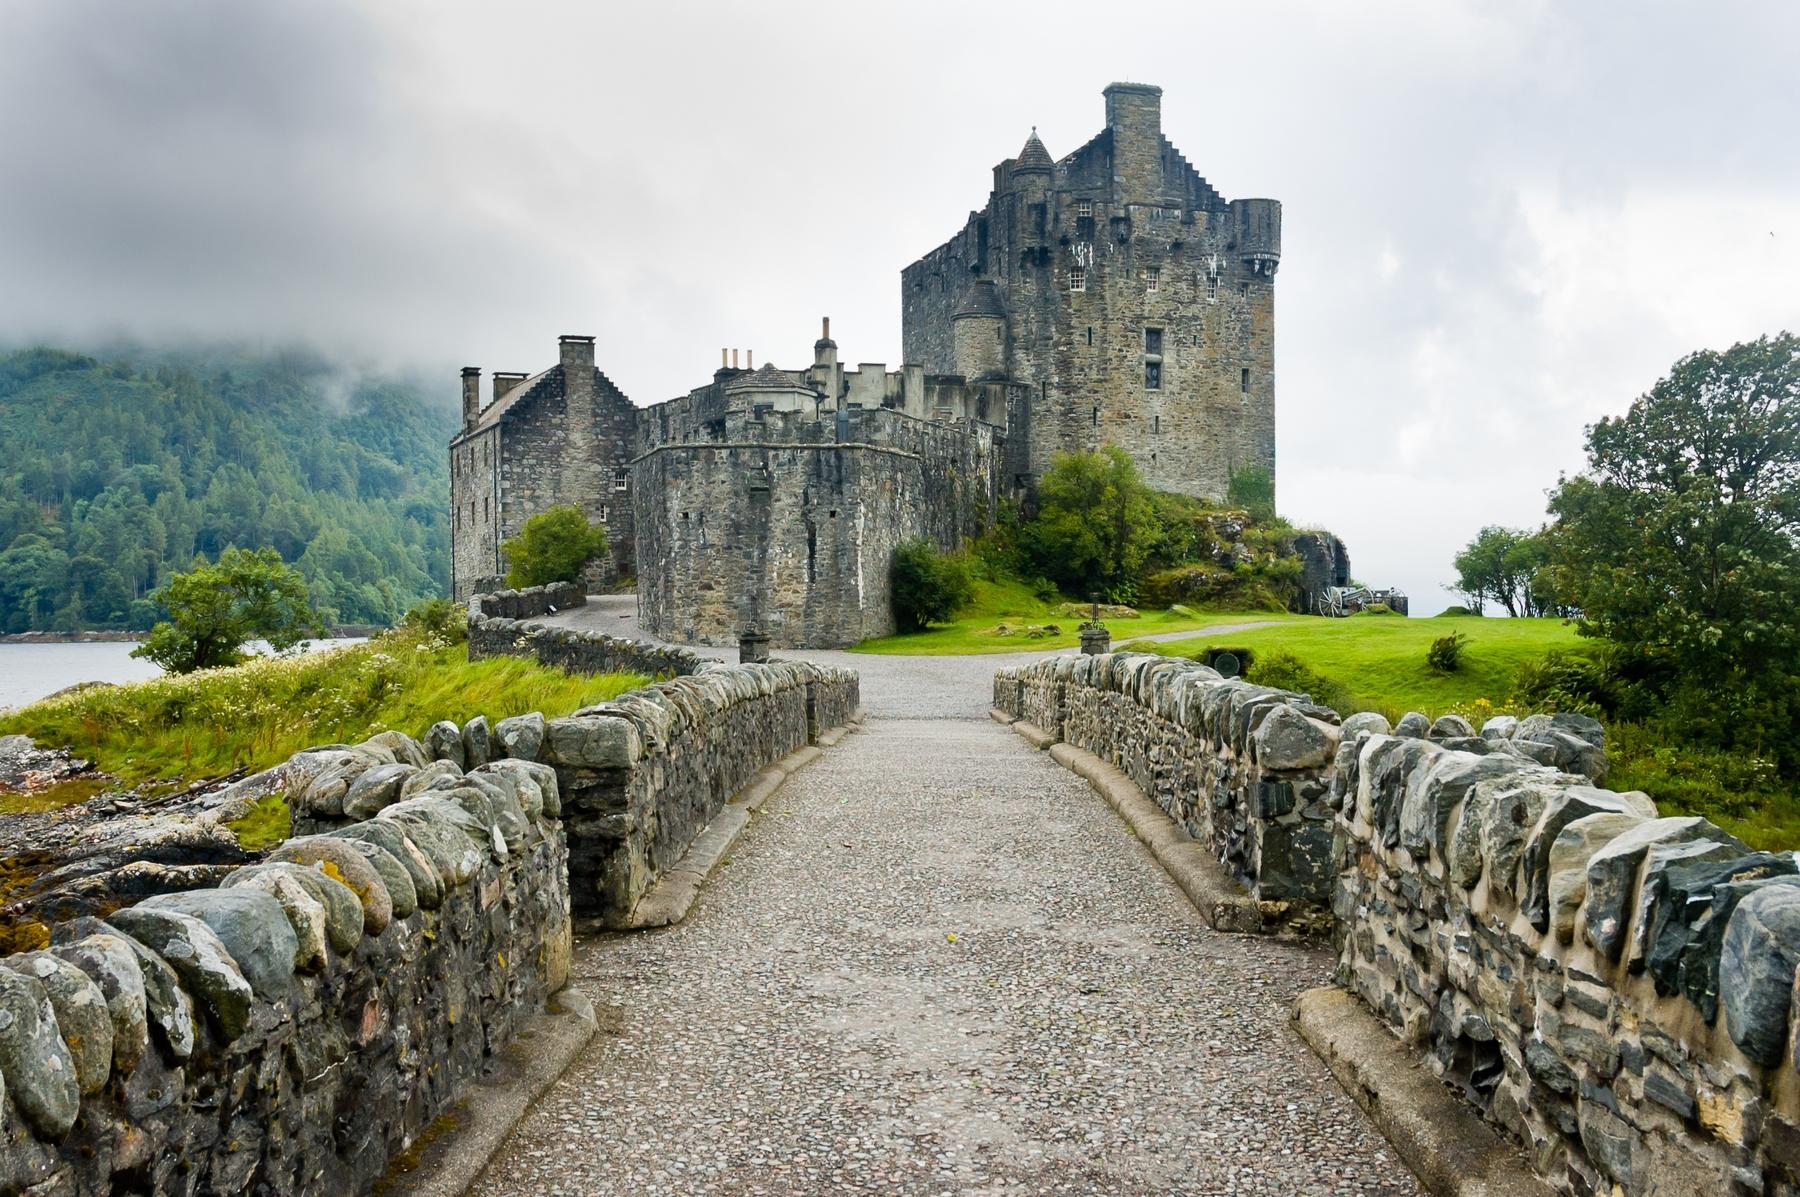 Peut-on visiter ce beau chateau anglais facilement après le Brexit ?